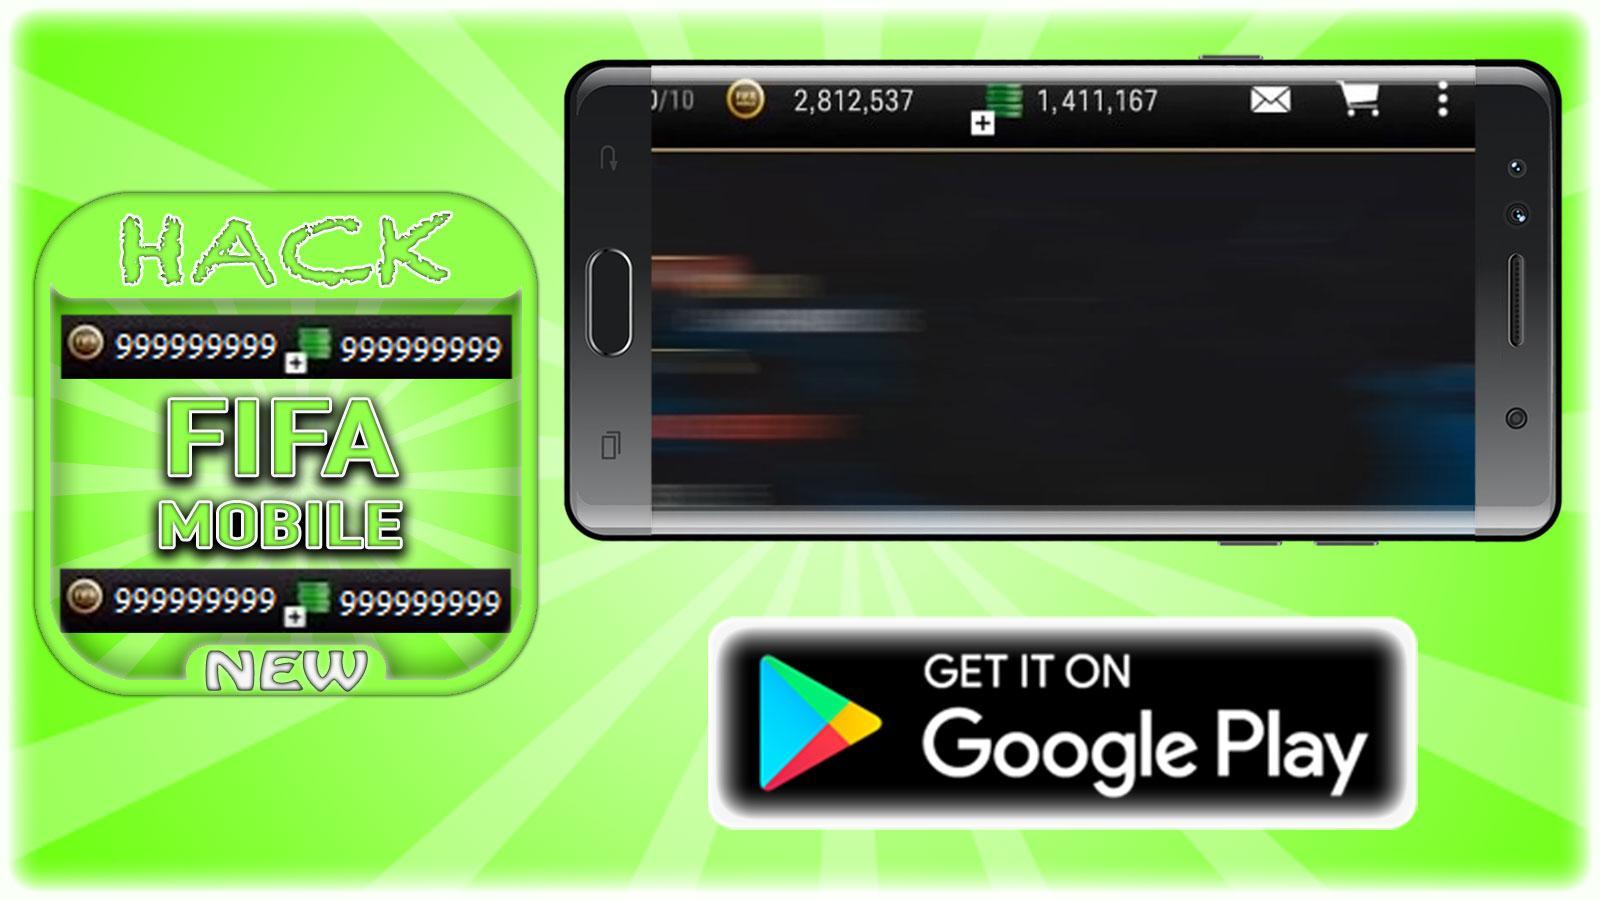 hack for fifa mobile game app joke prank android apps on hack for fifa mobile game app joke prank screenshot